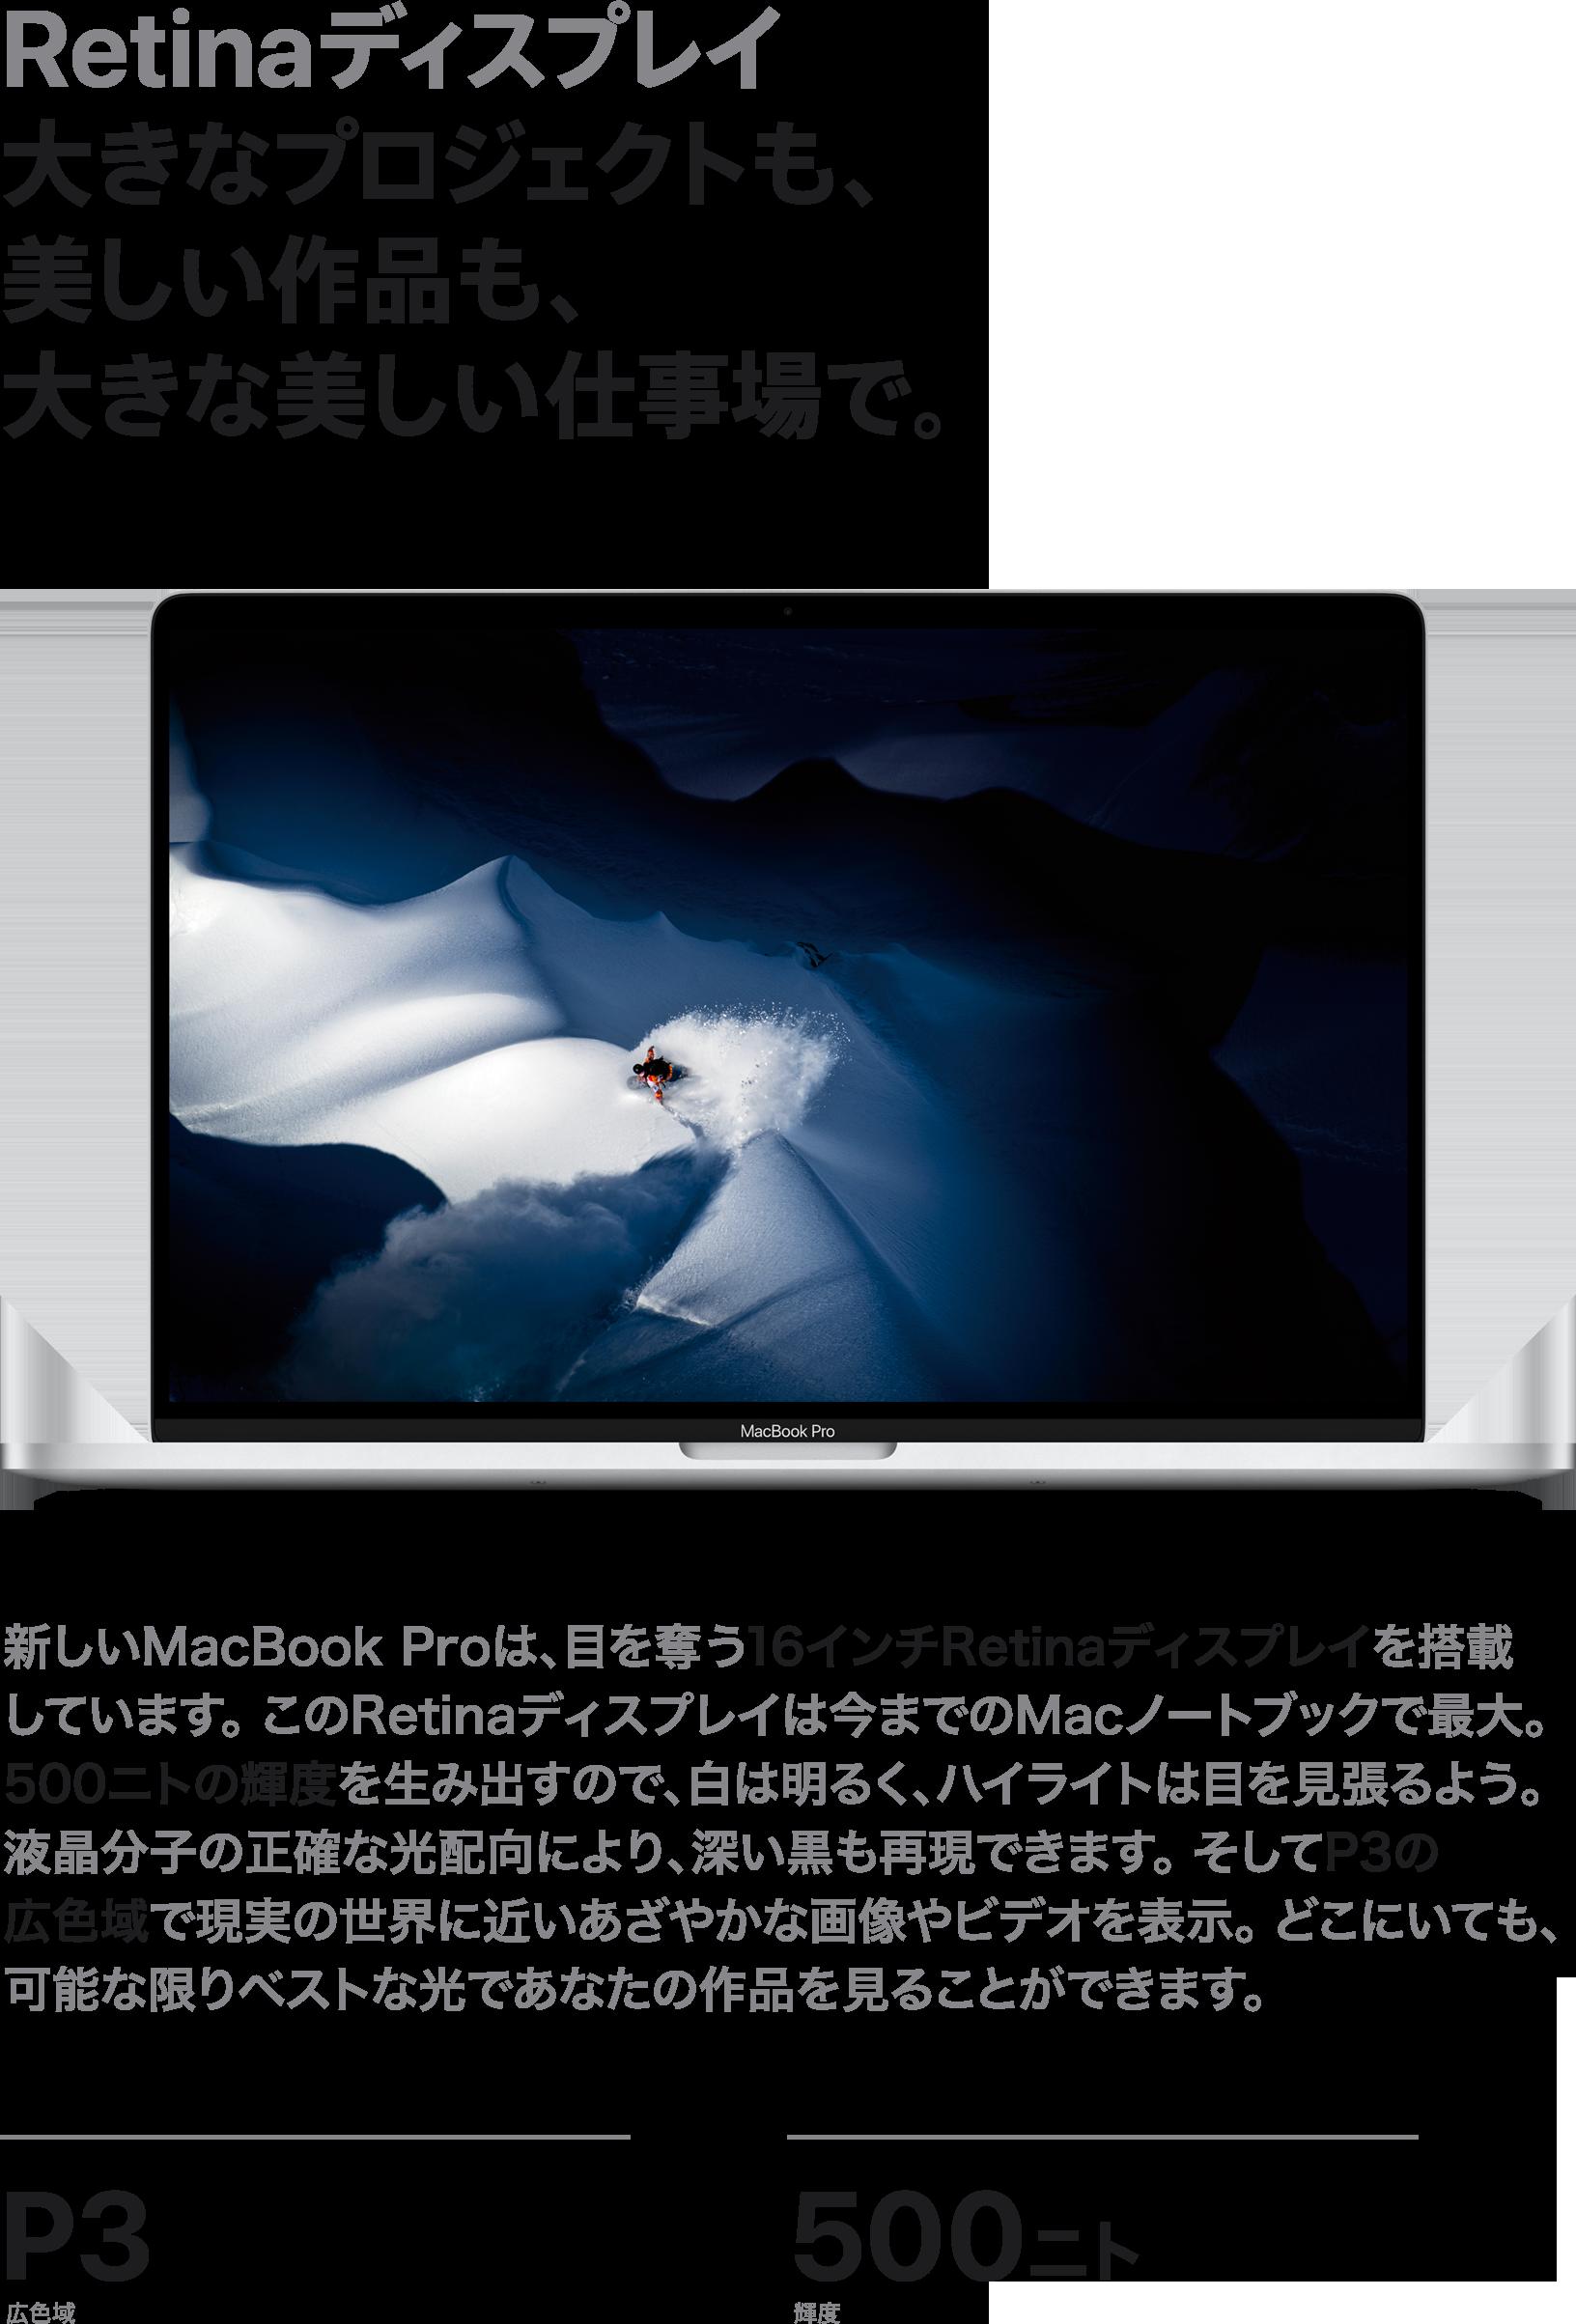 macbookpro Retinaディスプレイ